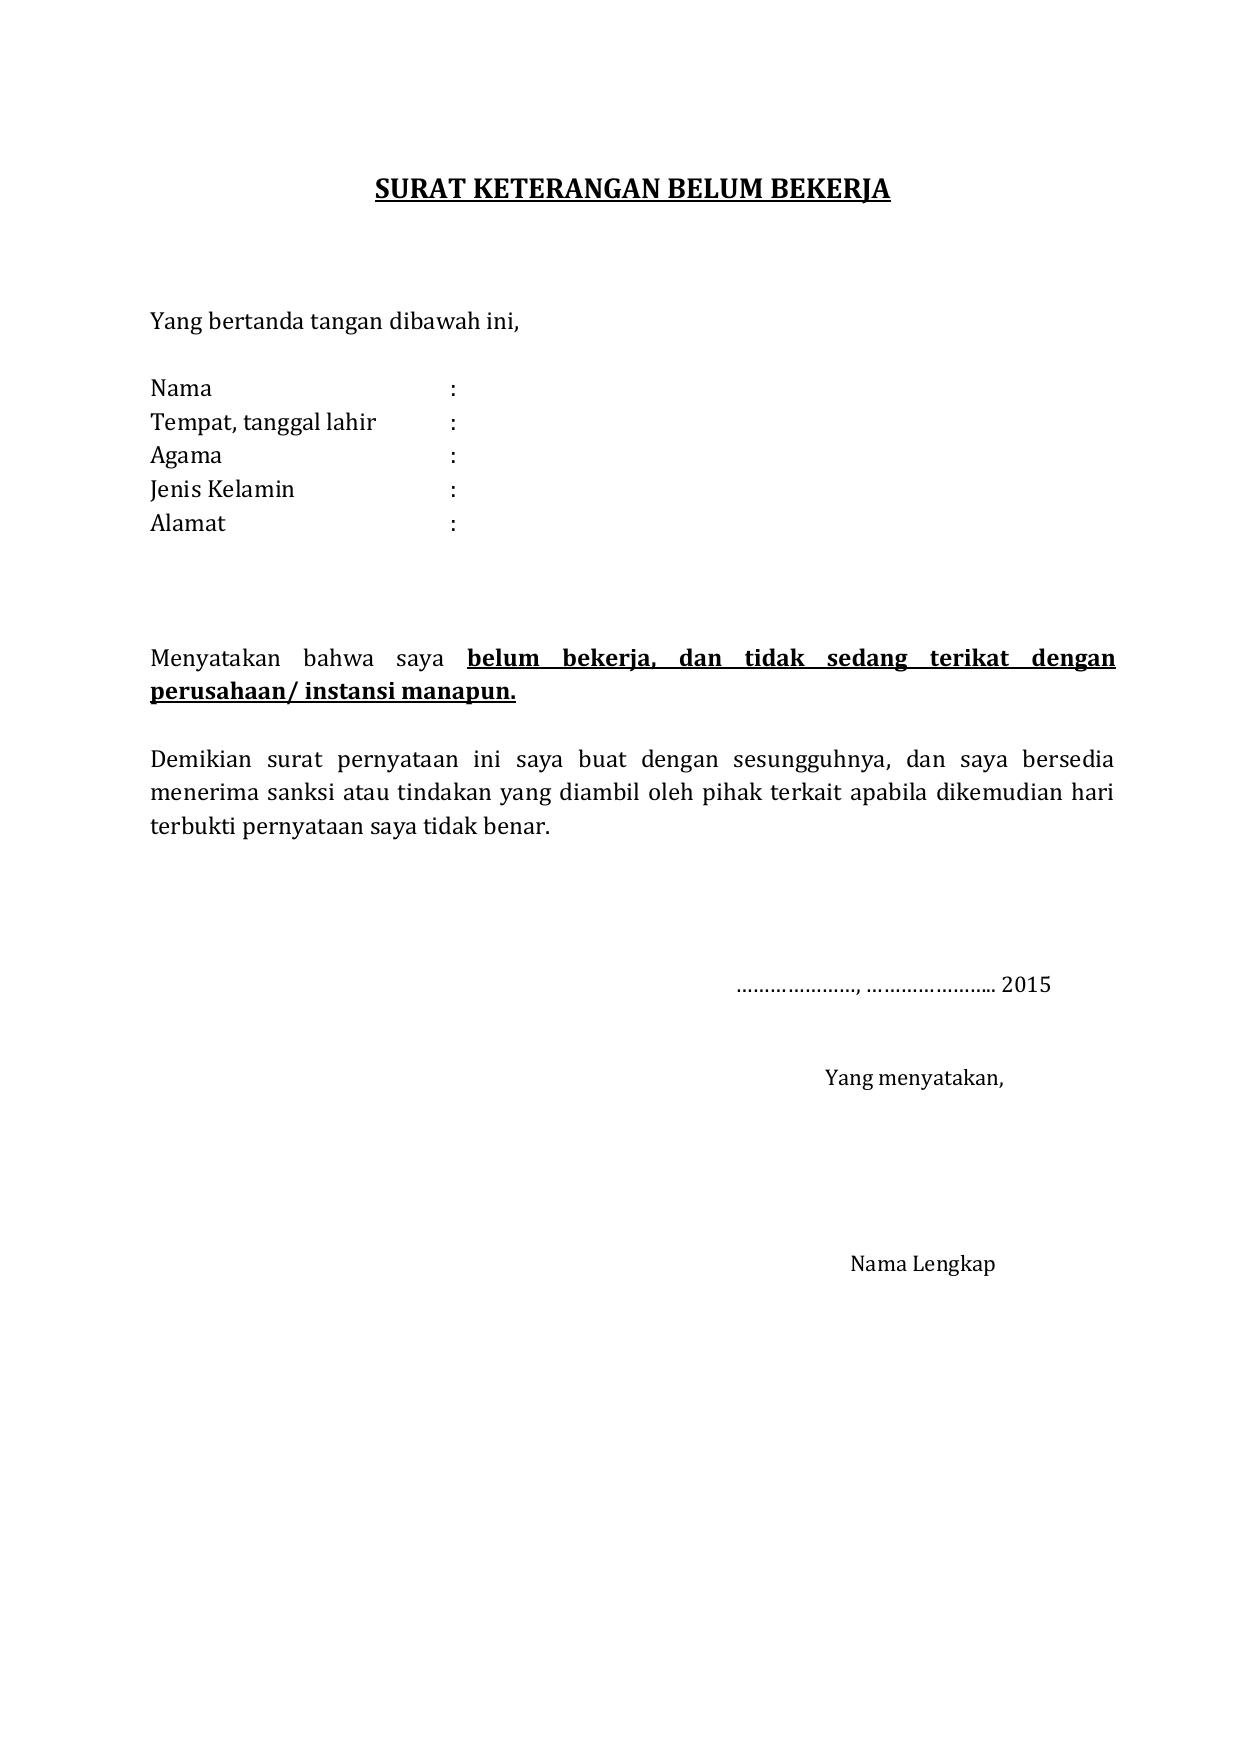 Surat Keterangan Belum Bekerja